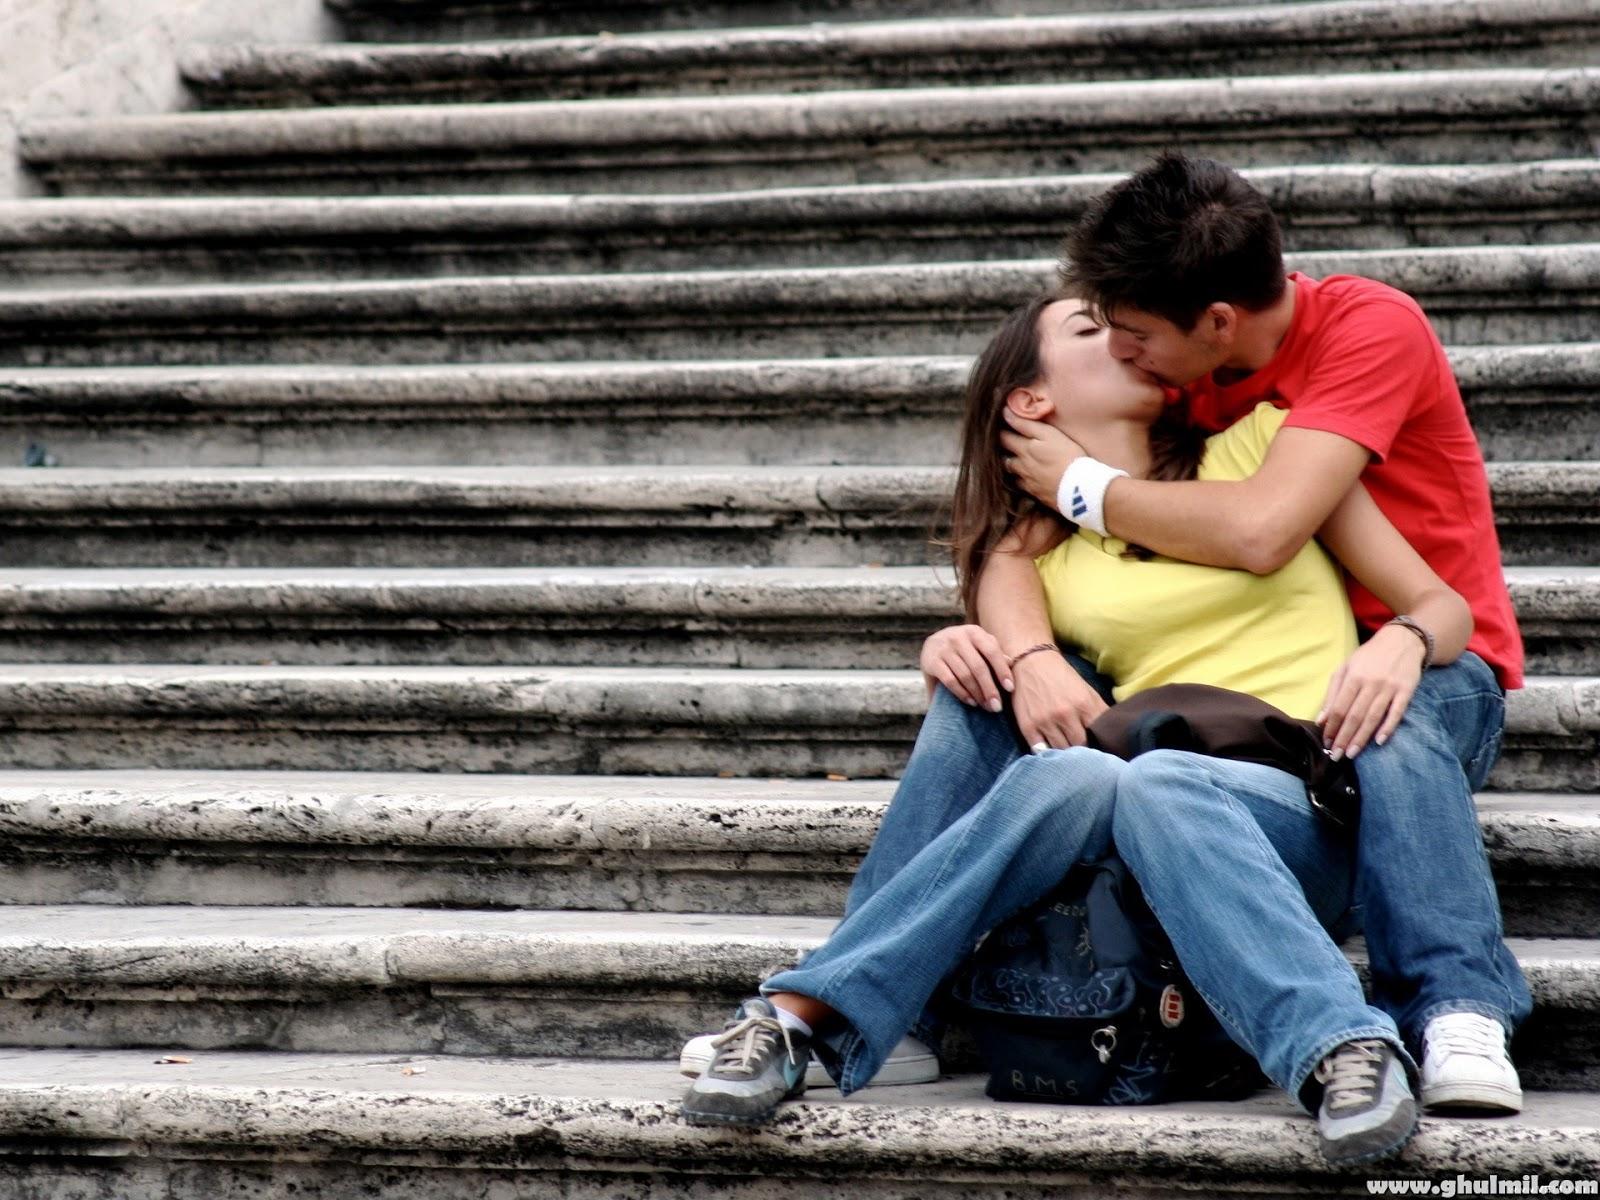 http://2.bp.blogspot.com/-TFPkuQrUYvc/UO14FzszqxI/AAAAAAAACK8/pmtW_I4qpyw/s1600/Kiss%2BHD%2Bwallpaper%2B2013%2B(4).jpg